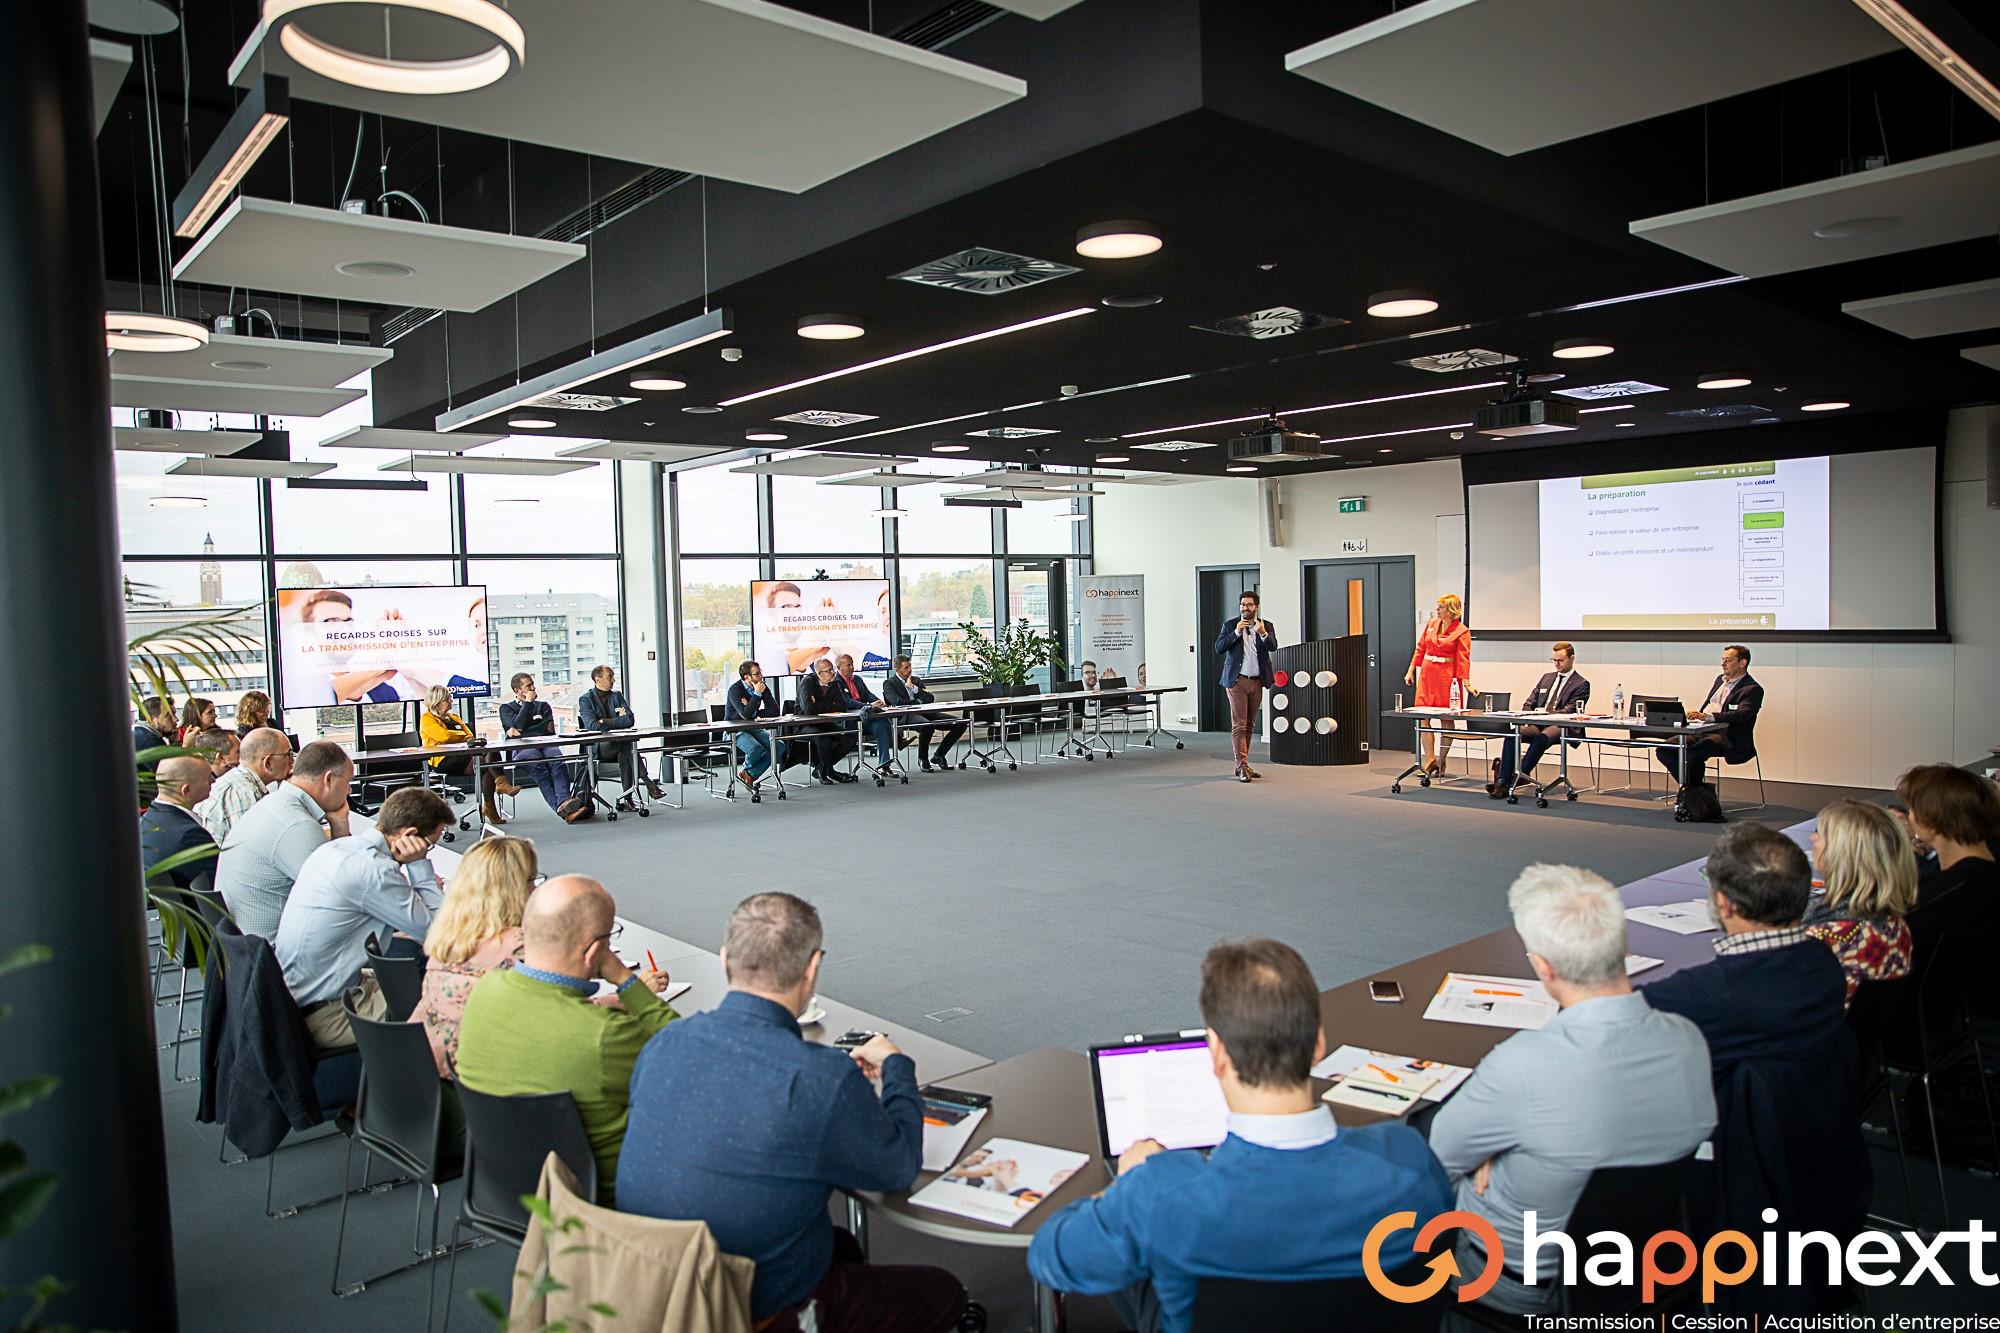 Cession & Acquisition d'entreprise Happinext Wallonie